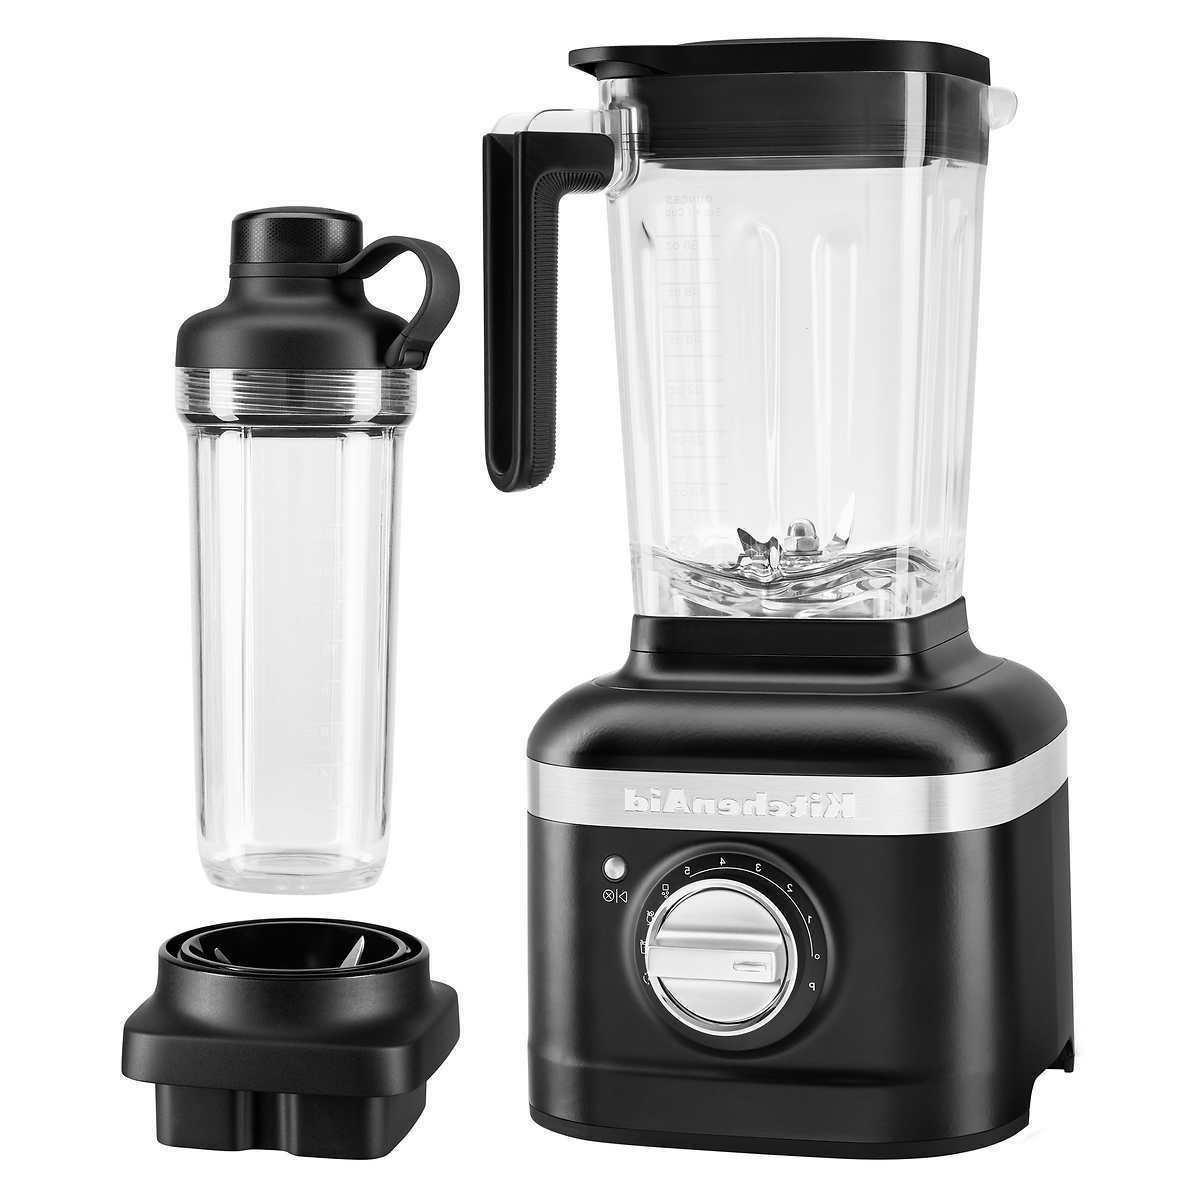 k400 blender with personal blender jar black